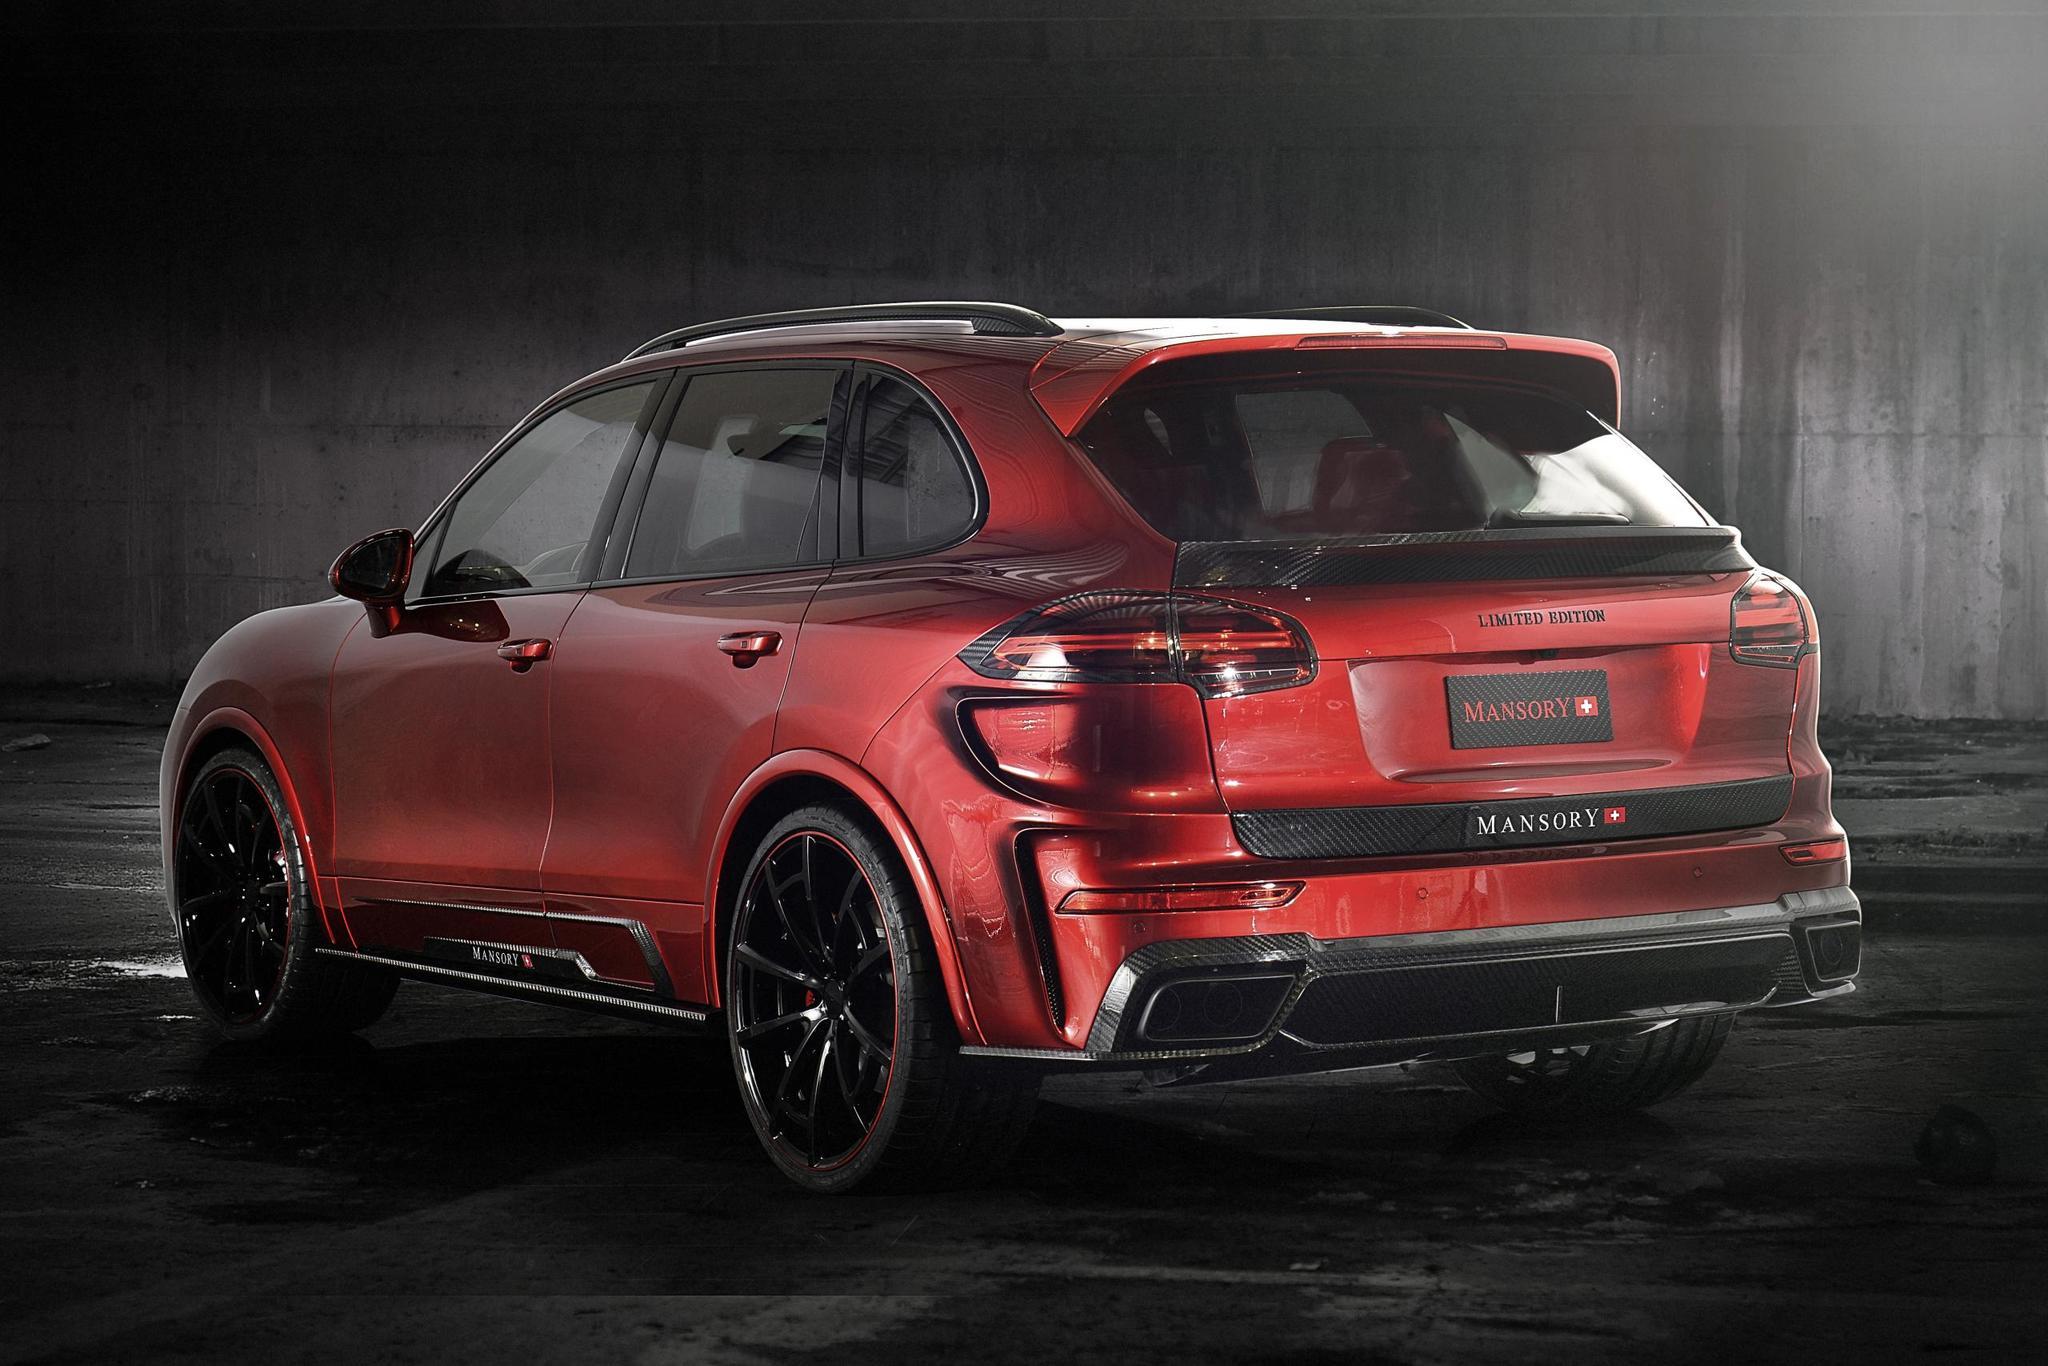 Mansory body kit for Porsche Cayenne new style